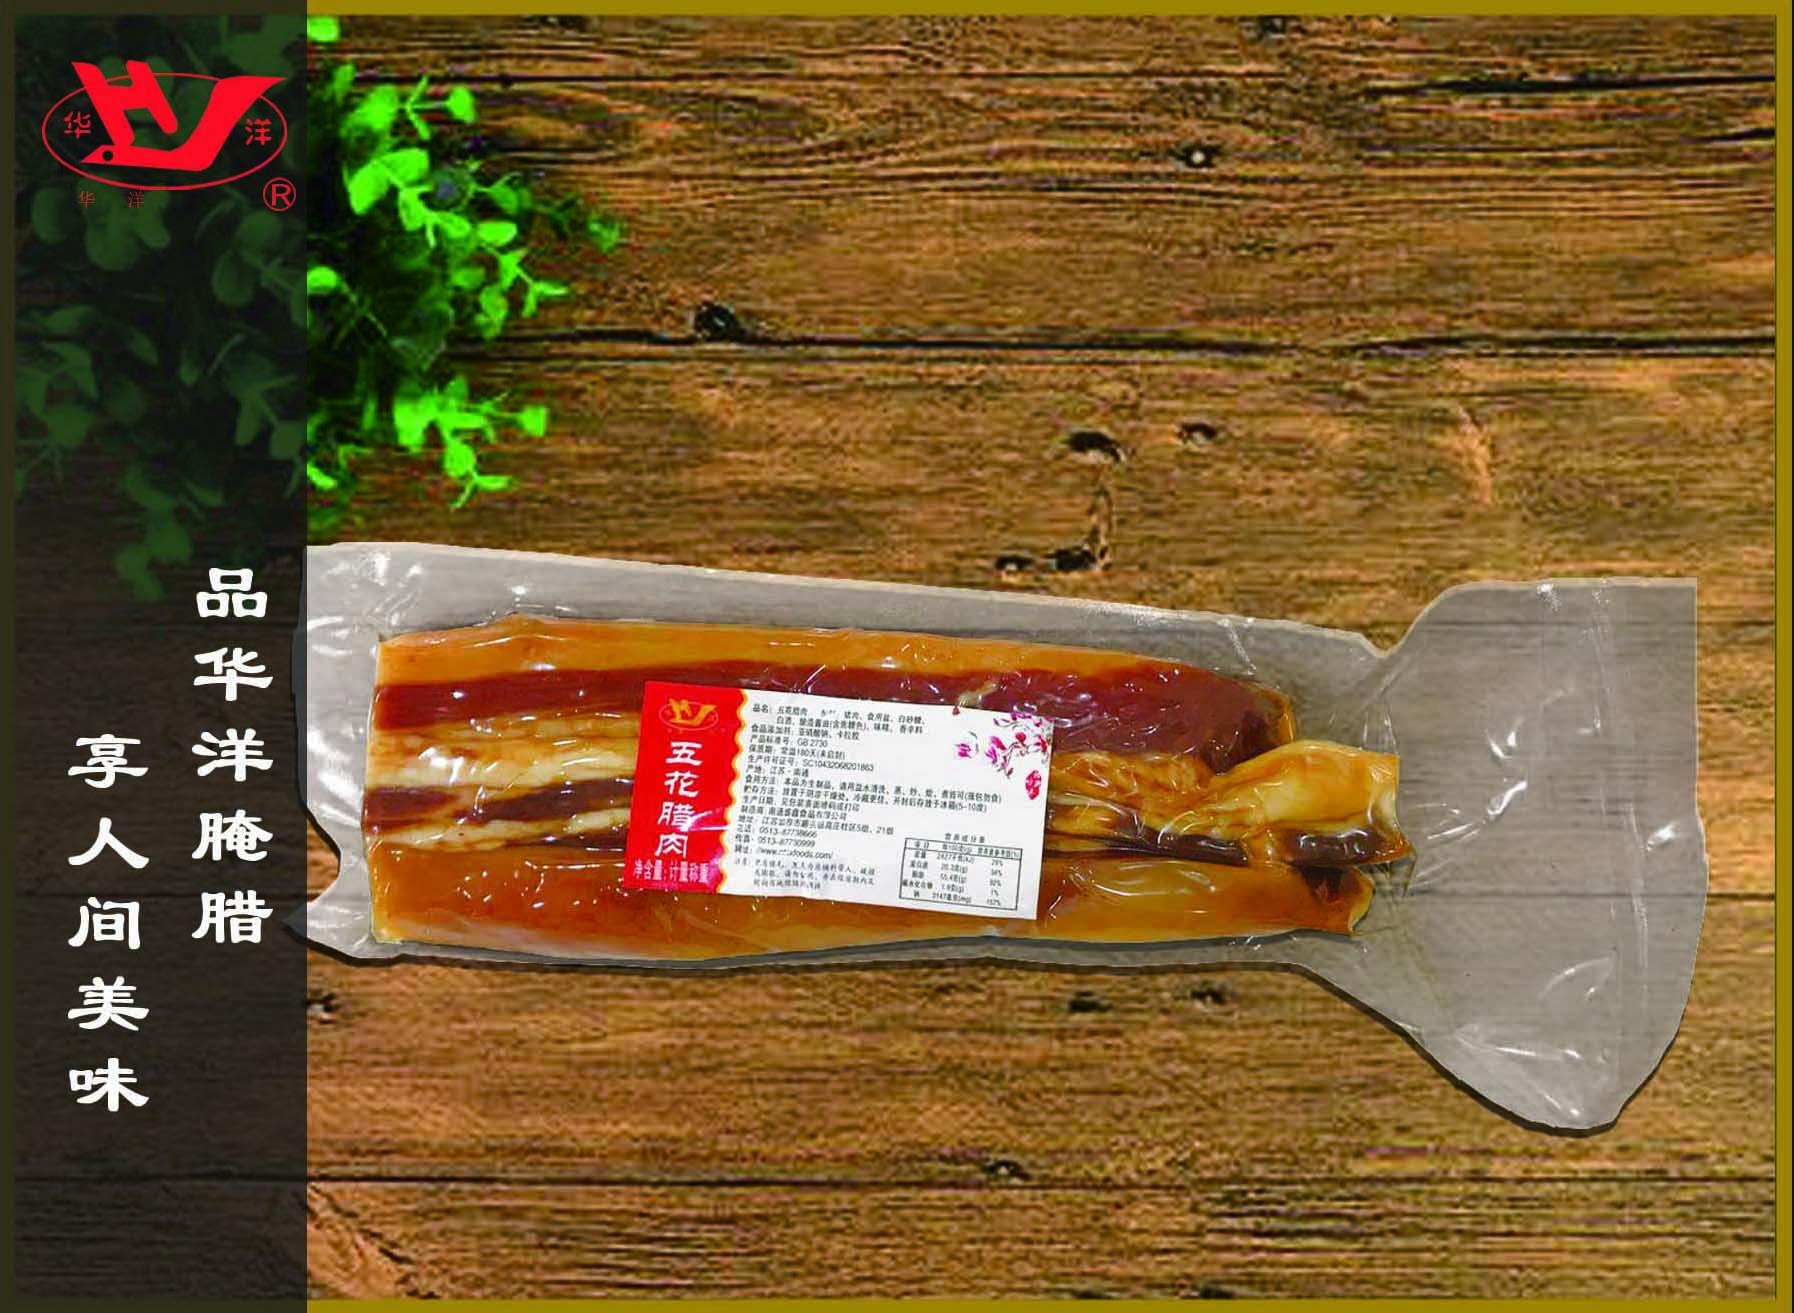 苏州五花腊肉